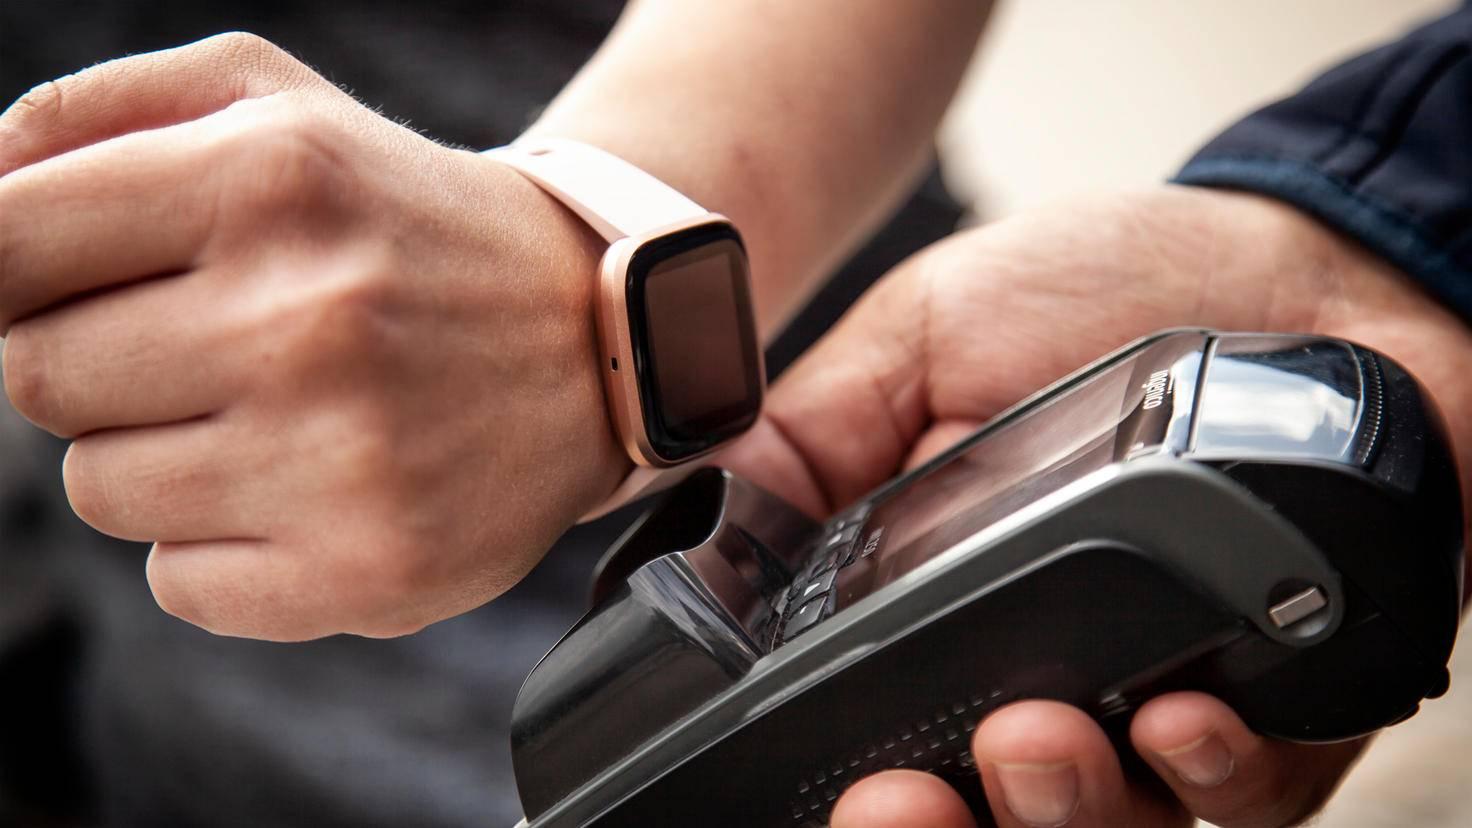 In der Theorie schon nicht schlecht. Jetzt müsste es nur noch mehr Banken geben, mit denen Fitbit kooperiert.